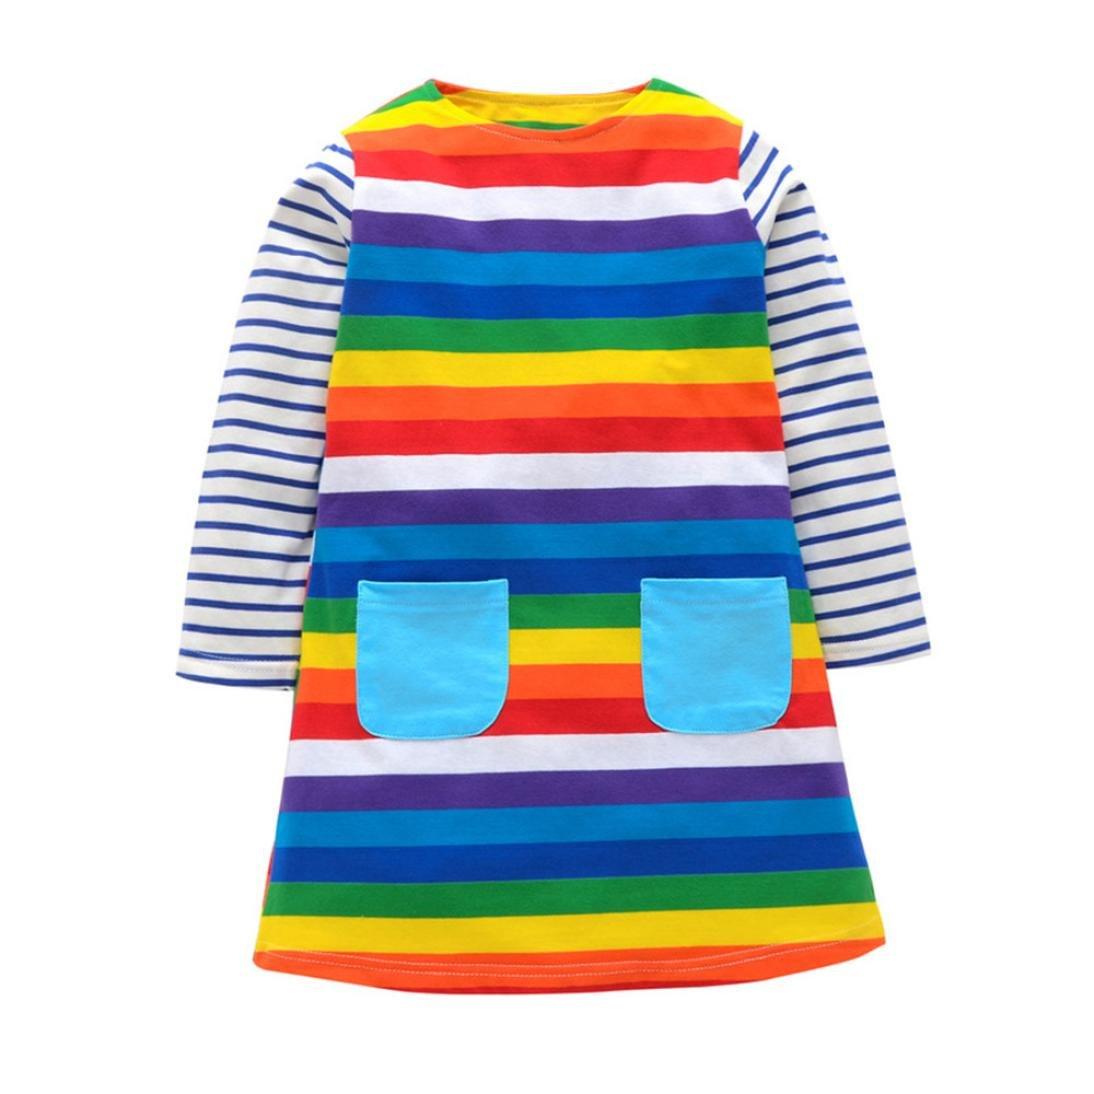 Zolimx striscia Arcobaleno Manica Lunga Cotone Vestito ,Bambini e ragazze (90, multicolore)